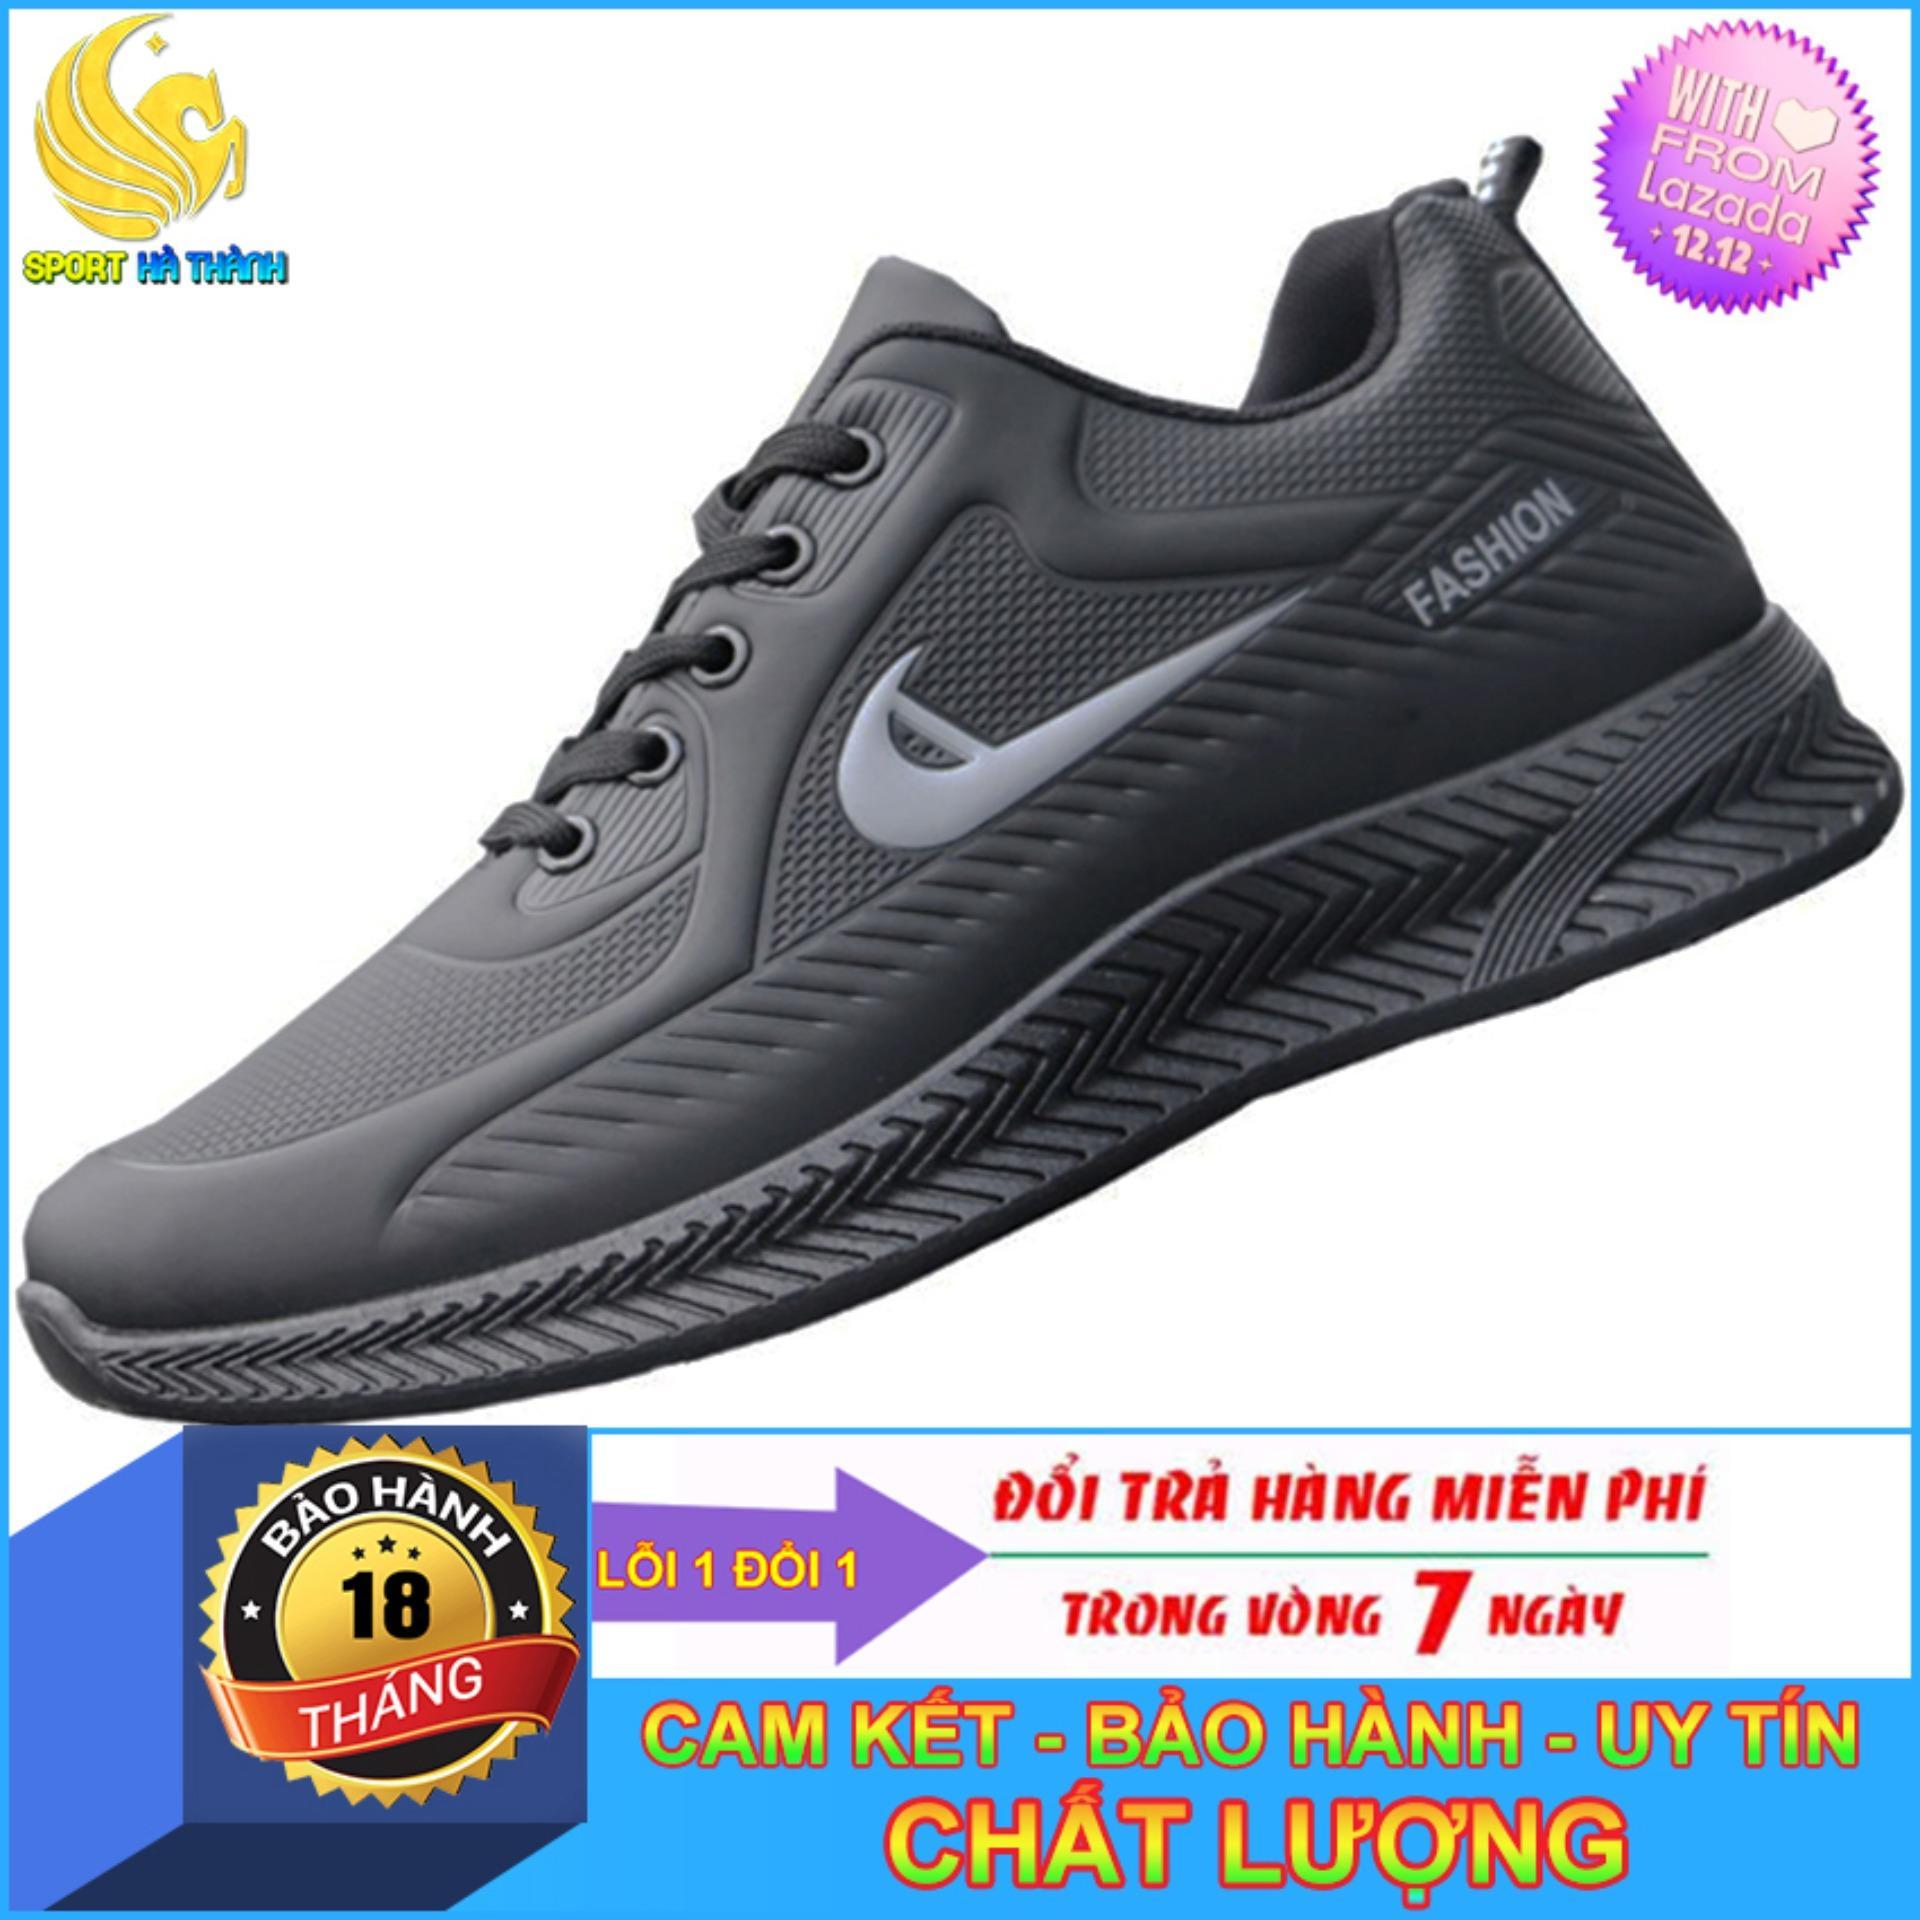 [ HOT Trend 2019 ] Giày Sneaker Nam - Giày Nam Thể Thao Sneaker - Giày Nam Thể Thao Sport Hà Thành -SE0001 Giá Tiết Kiệm Nhất Thị Trường